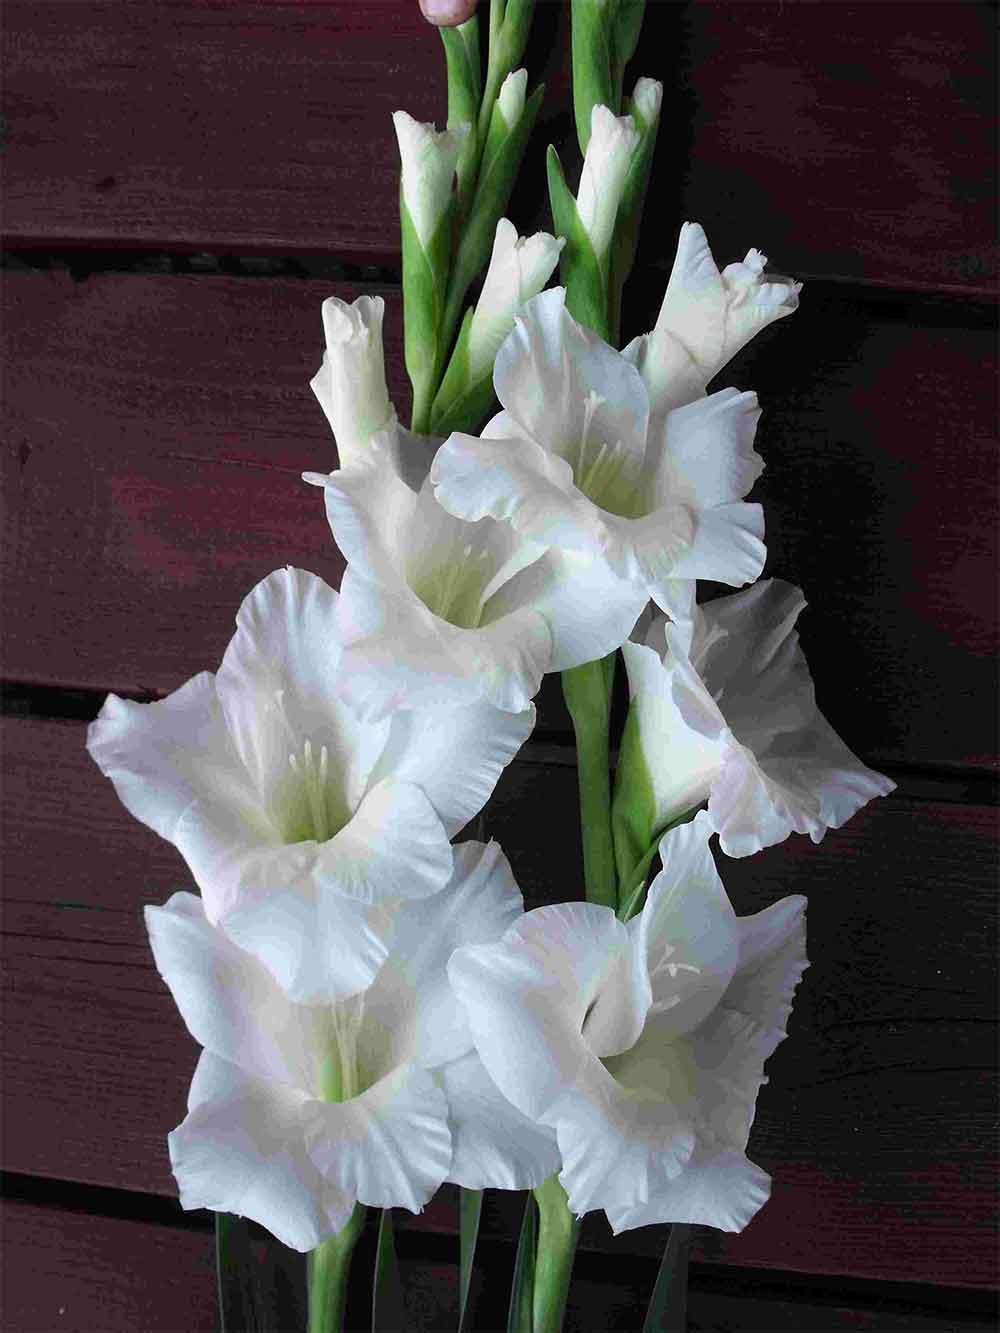 فروش آنلاین گل گلایول، خرید دسته گل گلایول و قیمت گل گلایول ارزان